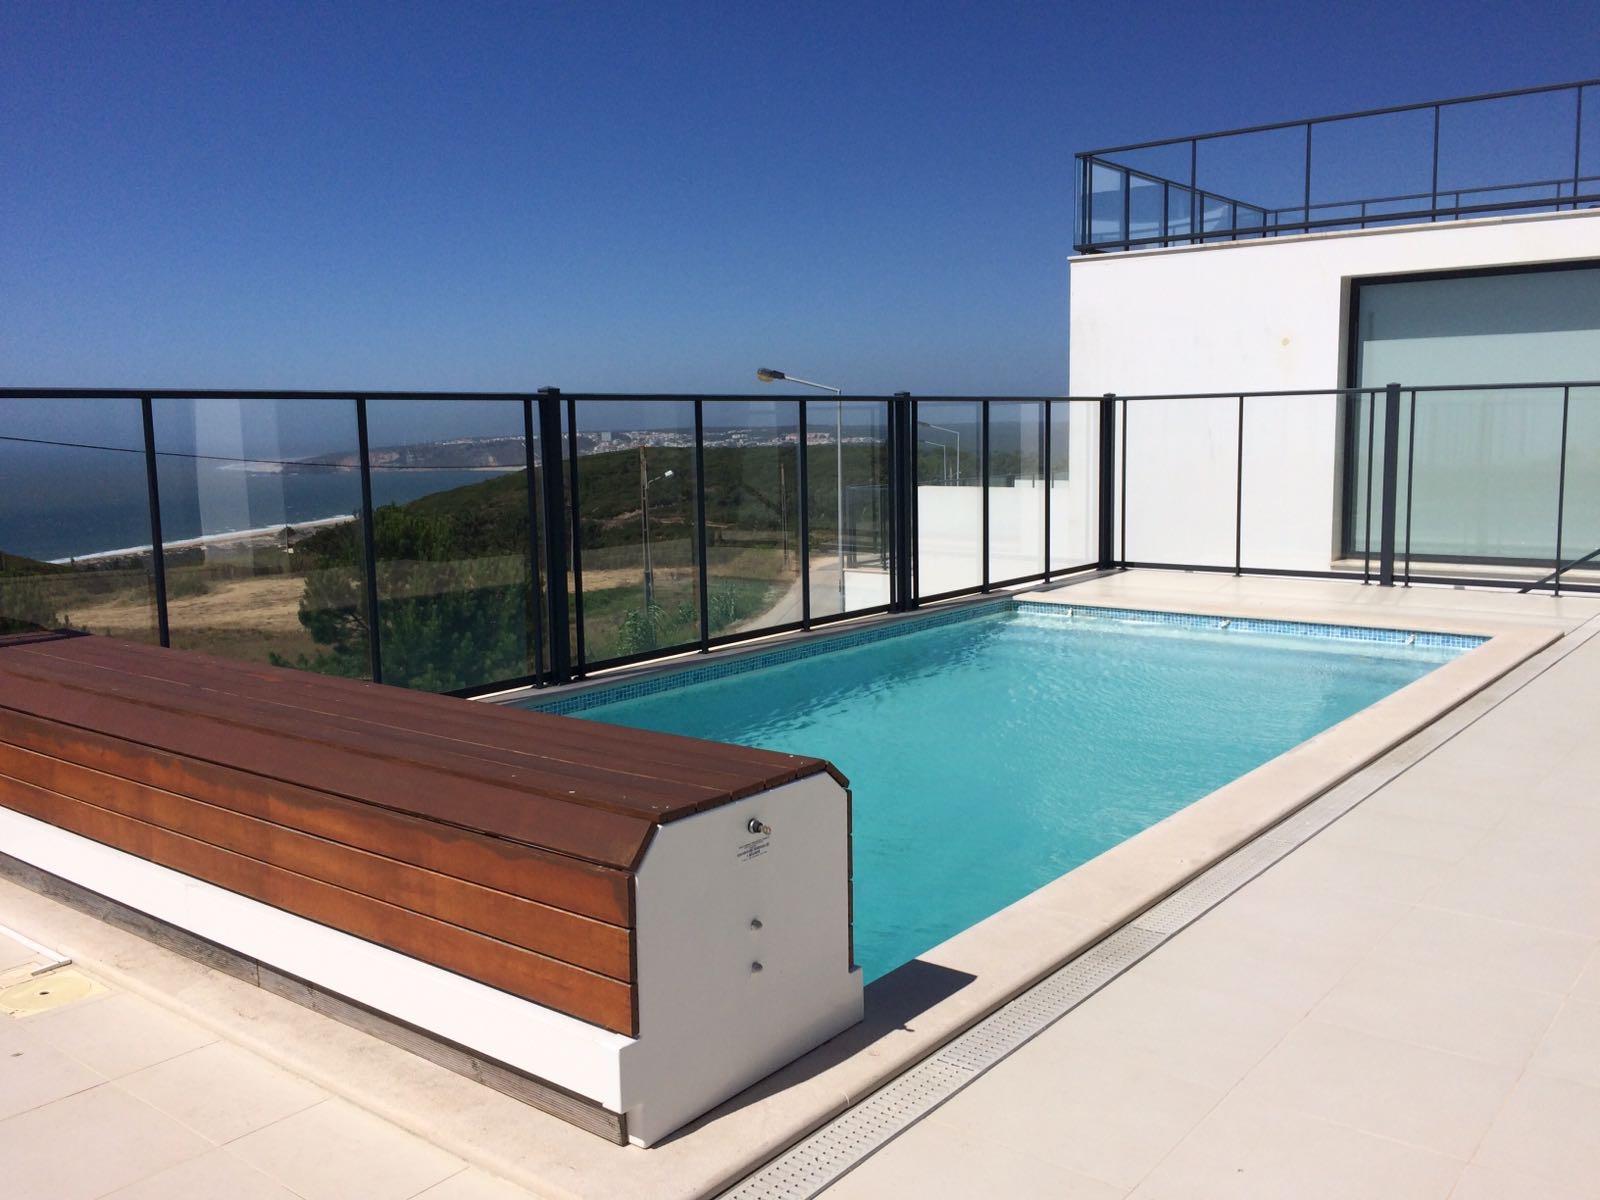 pool - Het zwembad is voorzien van een elektrisch dek dat bescherming biedt voor de kleinste onder ons.